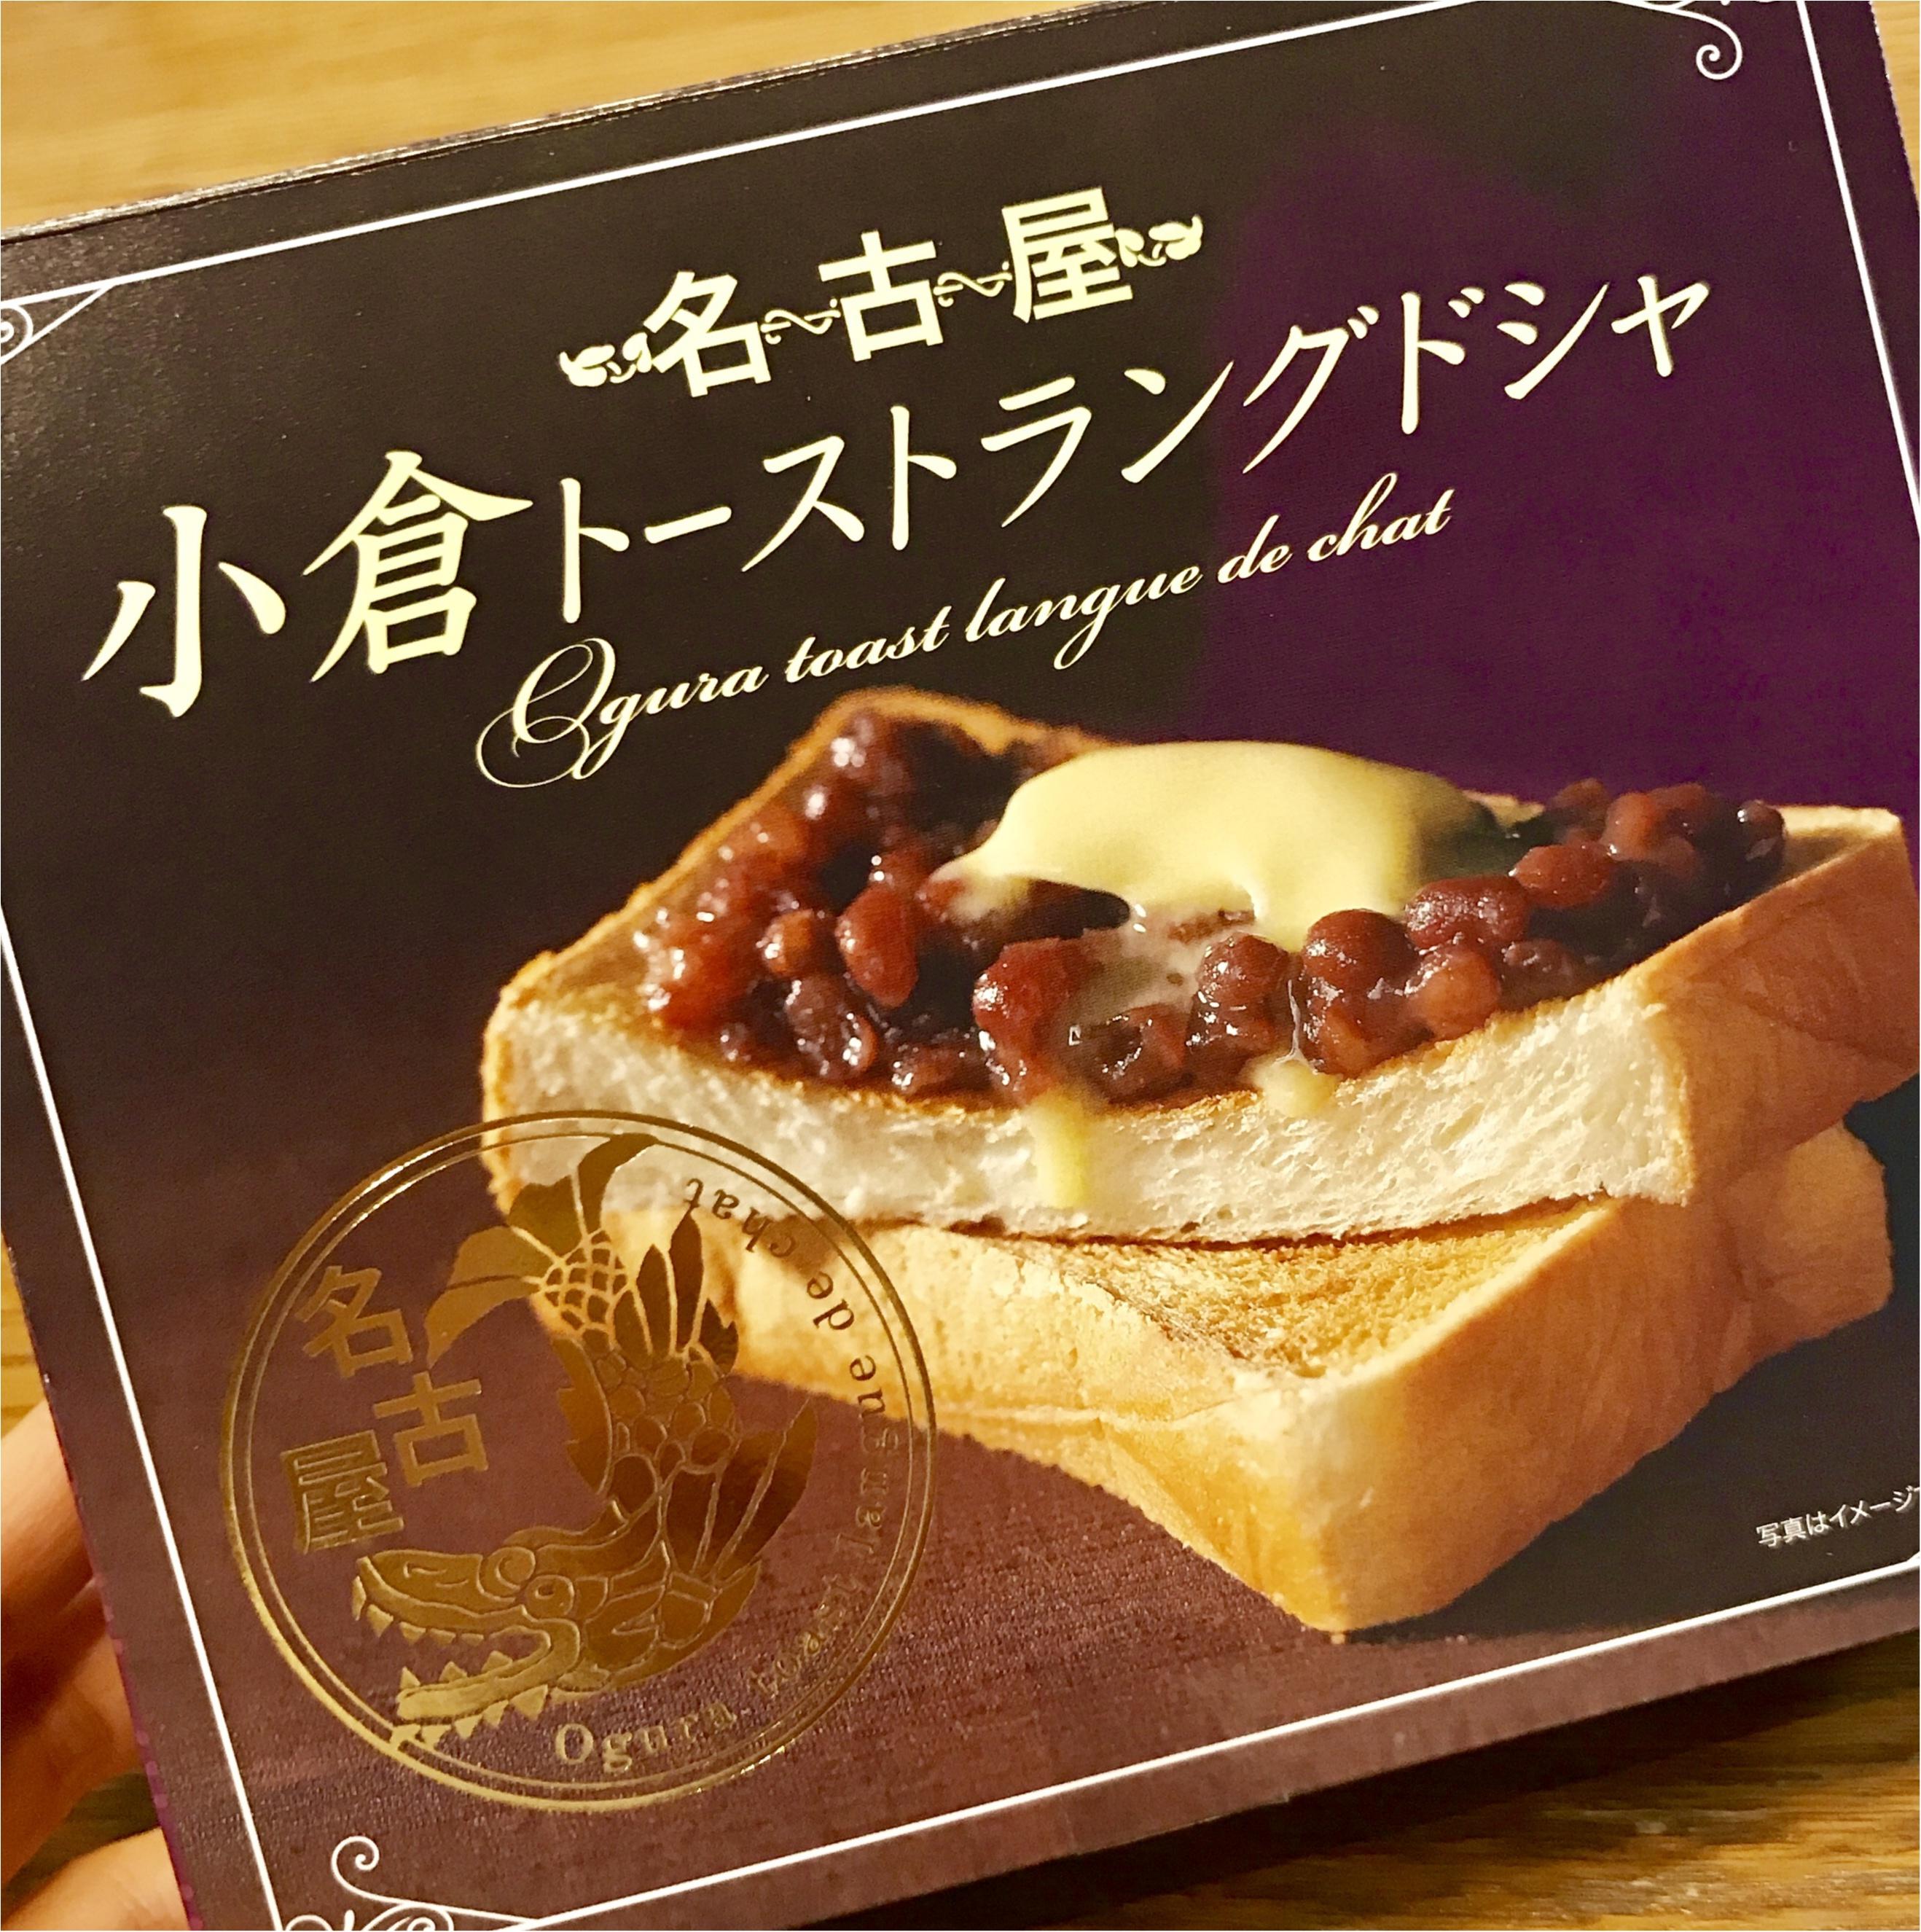 【名古屋みやげ】食べてビックリ!《小倉トーストラングドシャ》は想像を超える味♡_1